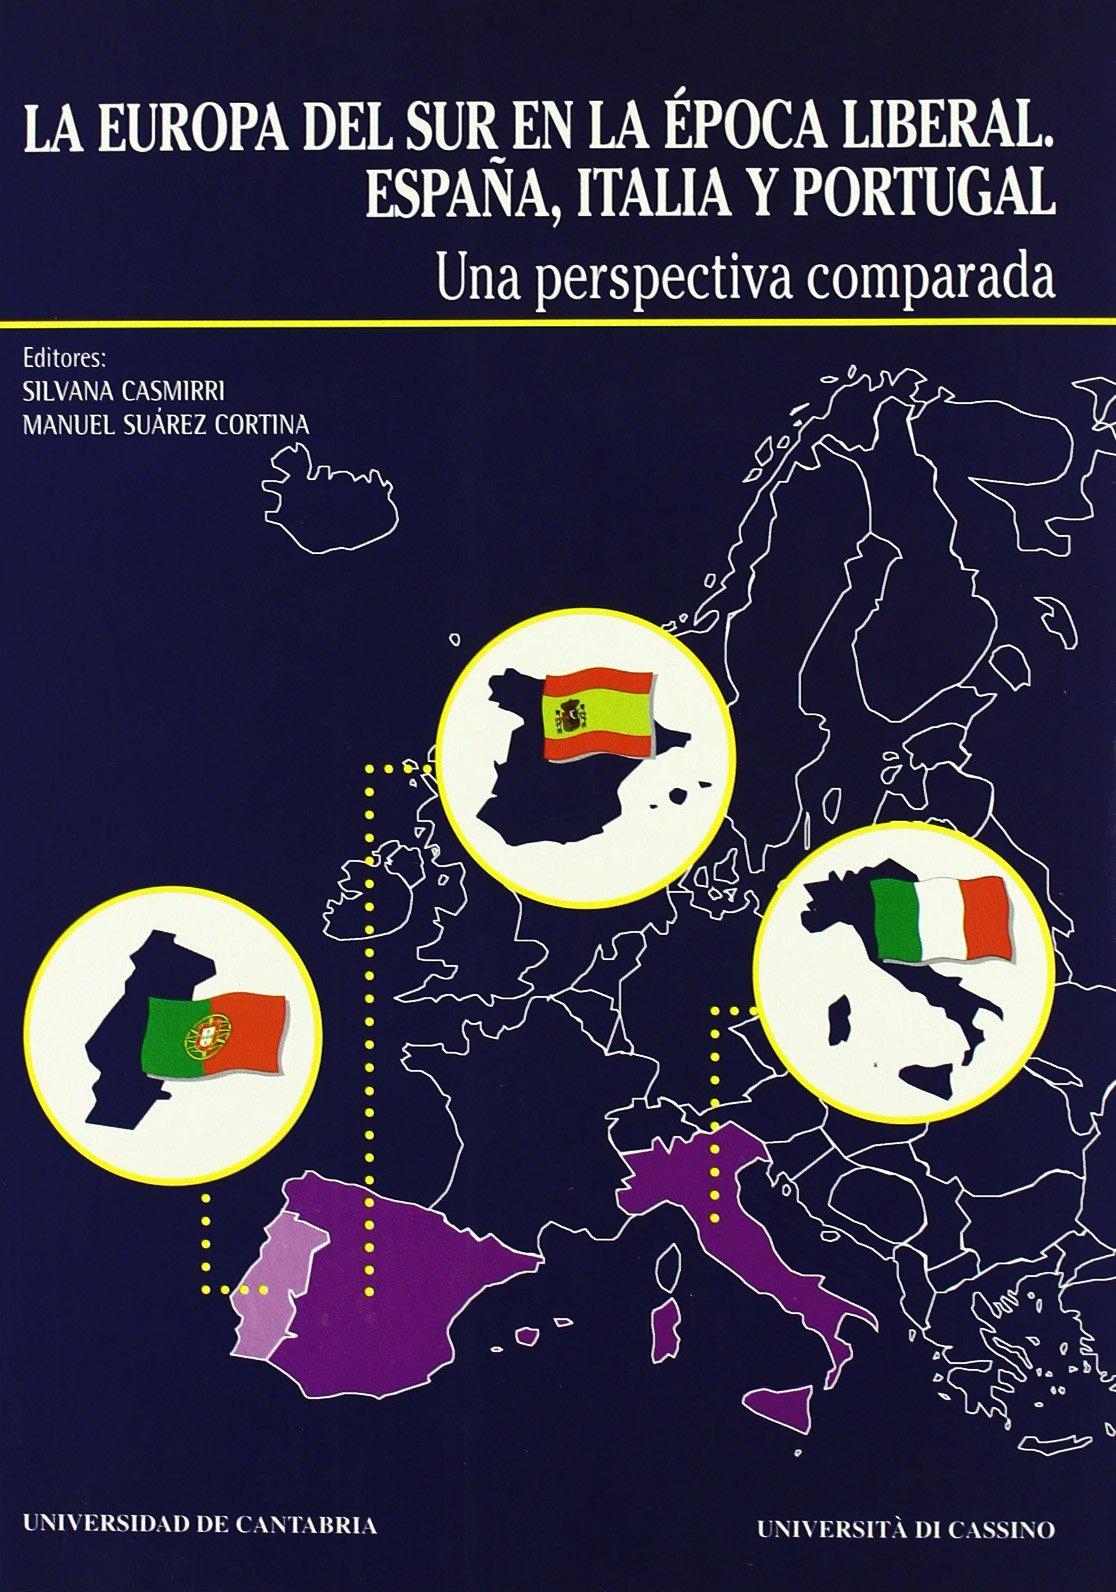 La Europa del sur en la época liberal: España, Italia y Portugal: Una perspectiva comparada Historia: Amazon.es: Casmirri, Silvana, Suárez Cortina, Manuel: Libros